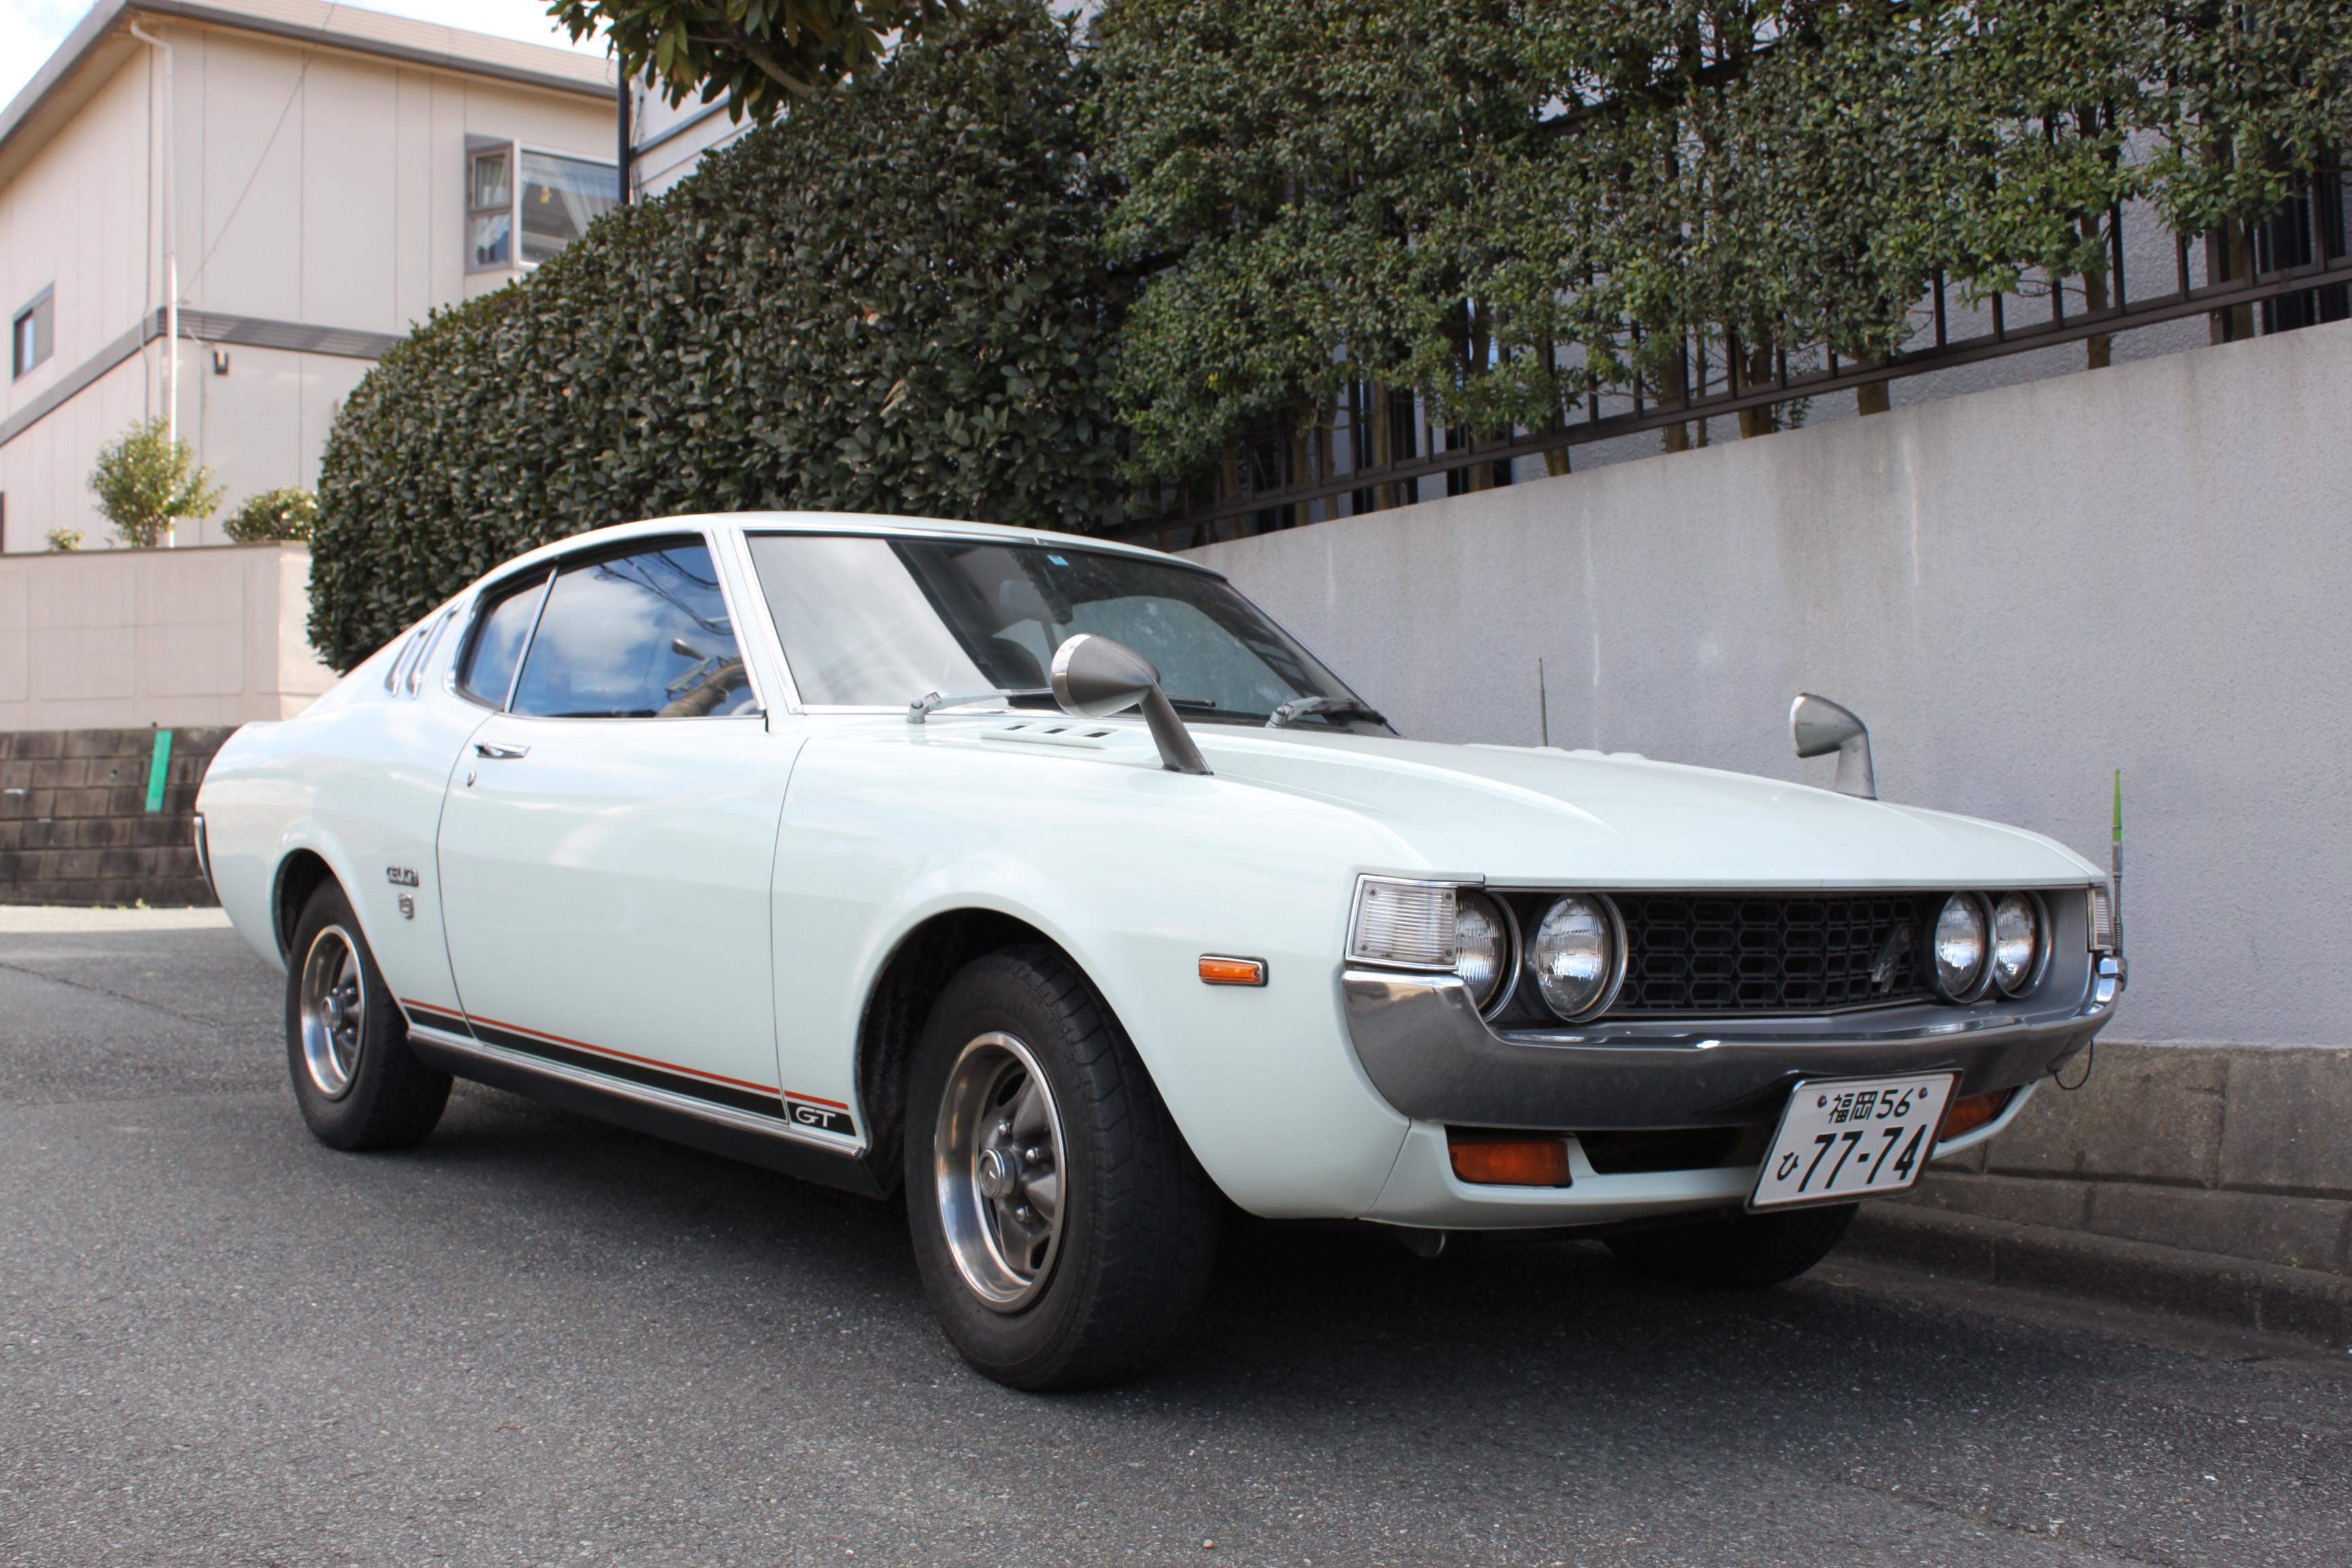 昭和50年セリカリフトバック1600gt|car For Sale|旧車、レストアなら九州、福岡のharfee S